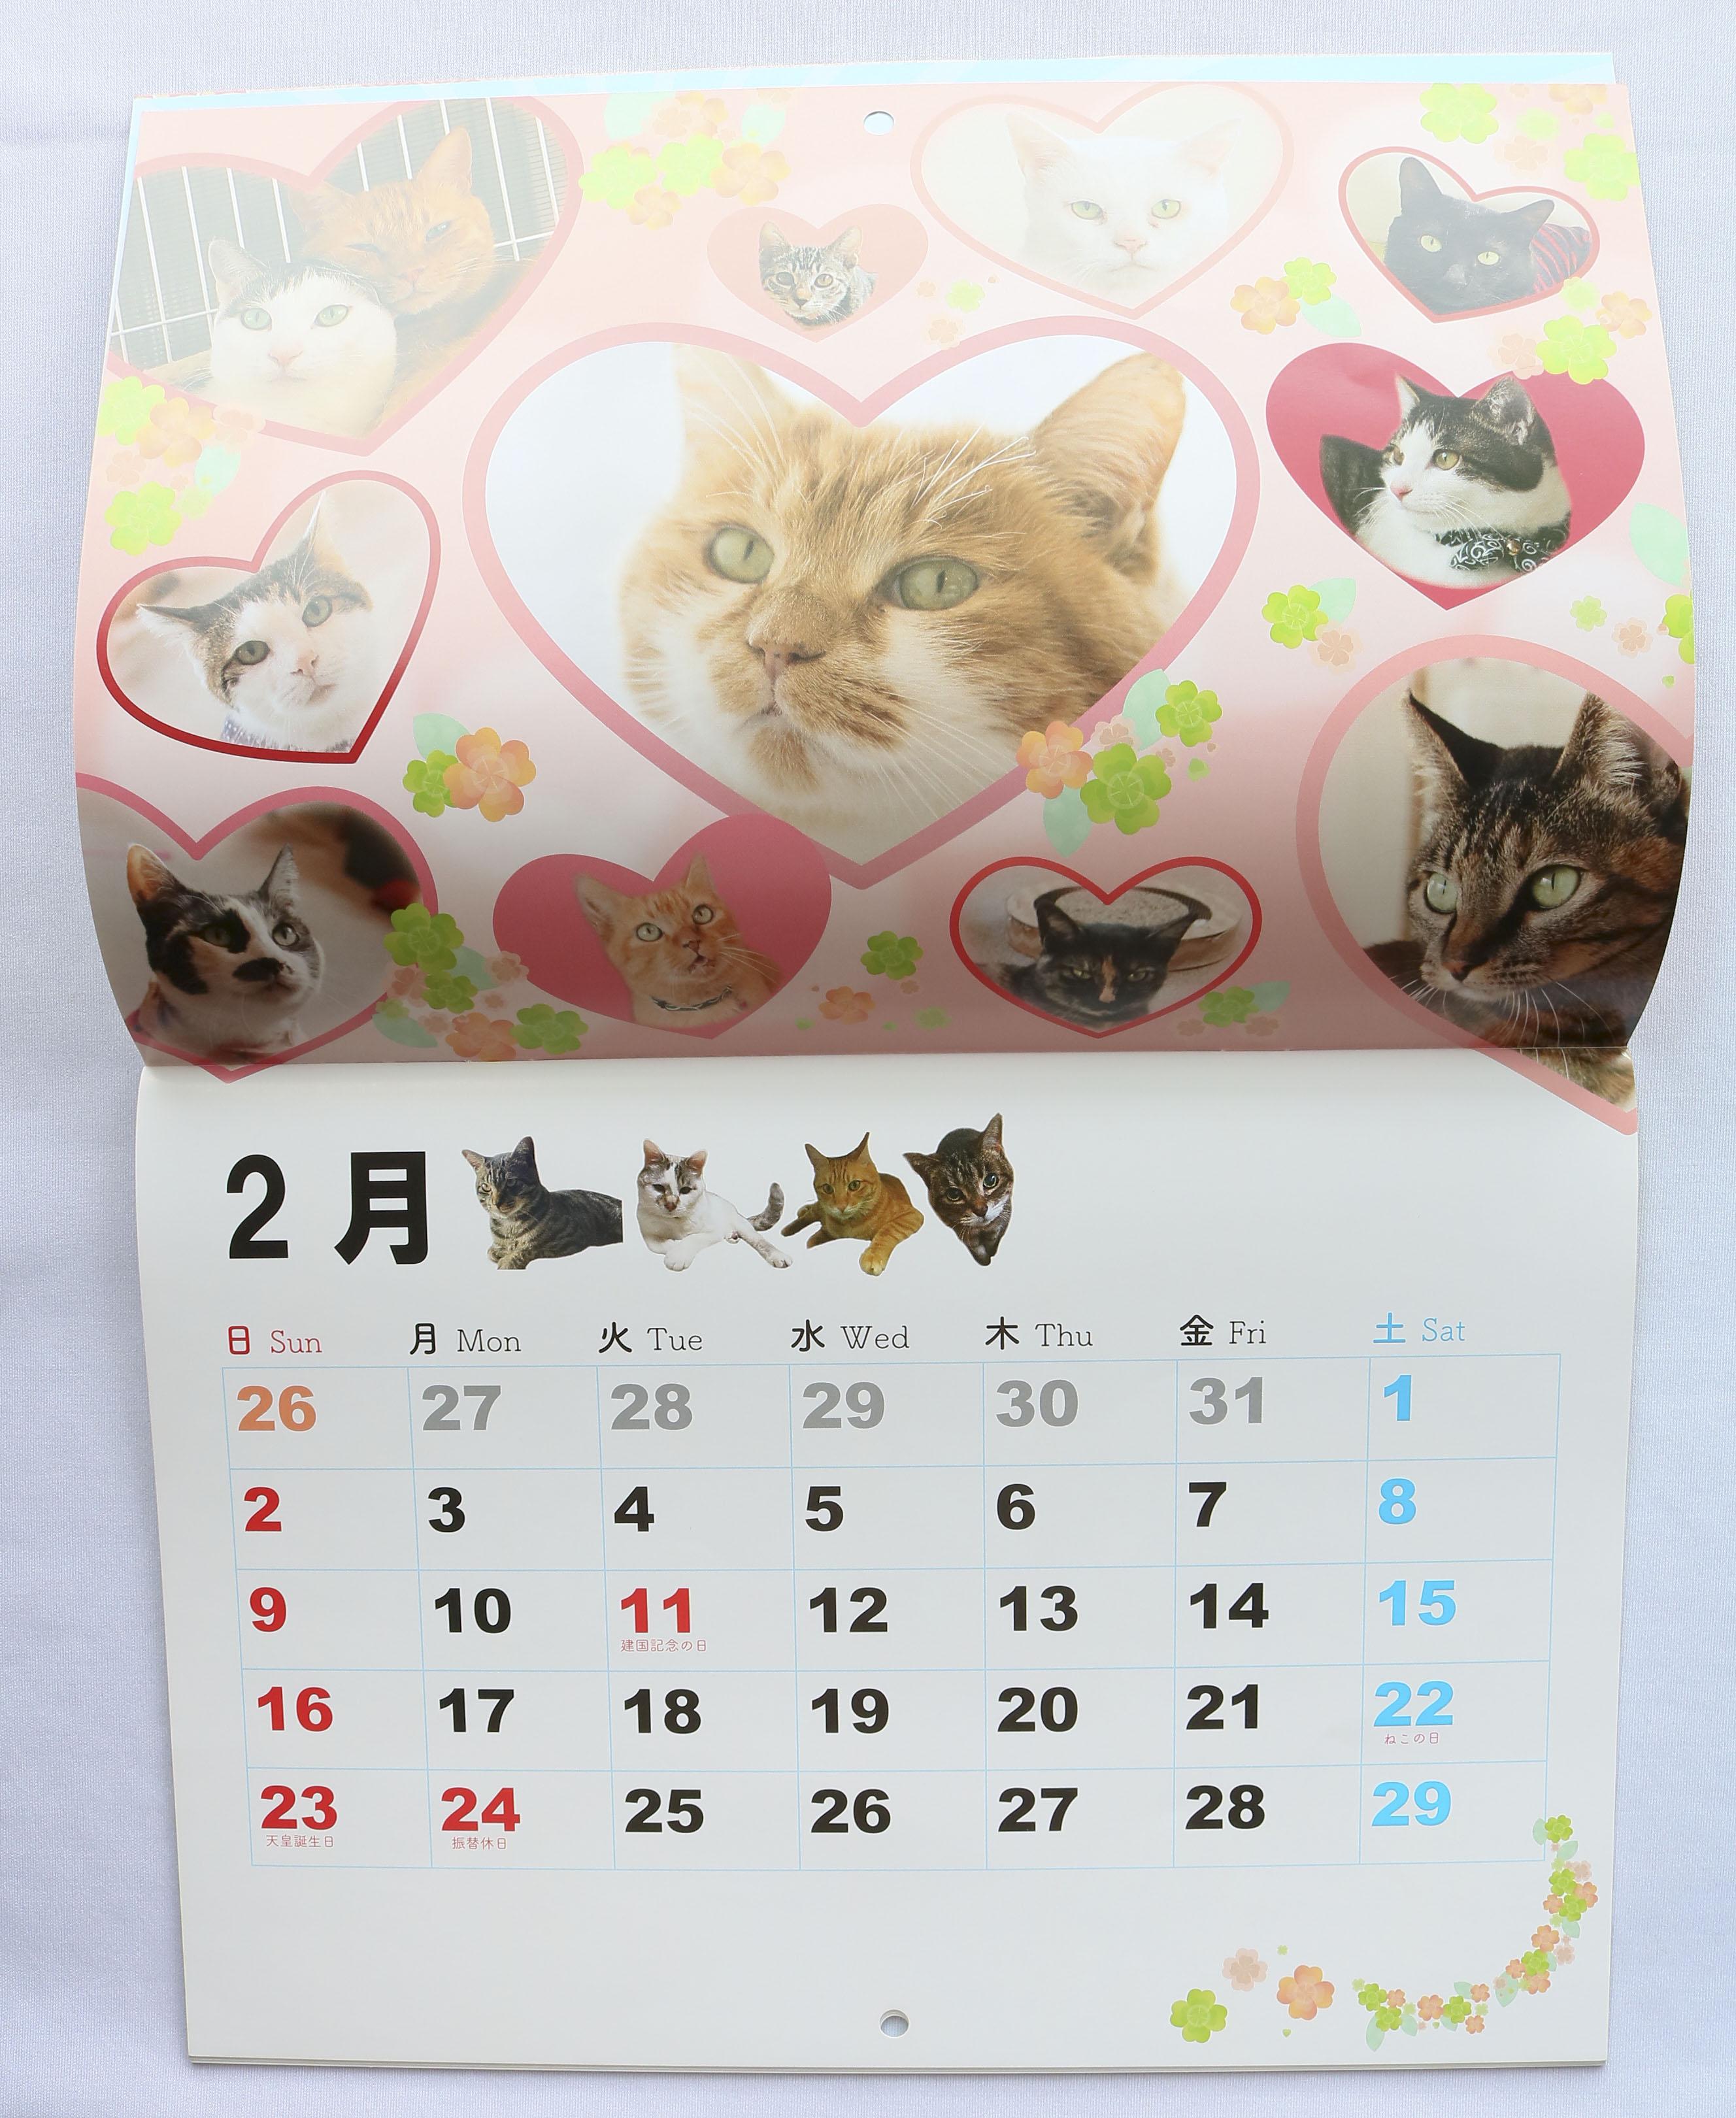 もりねこ カレンダー 秋田 猫雑貨 猫グッズ かぎしっぽ